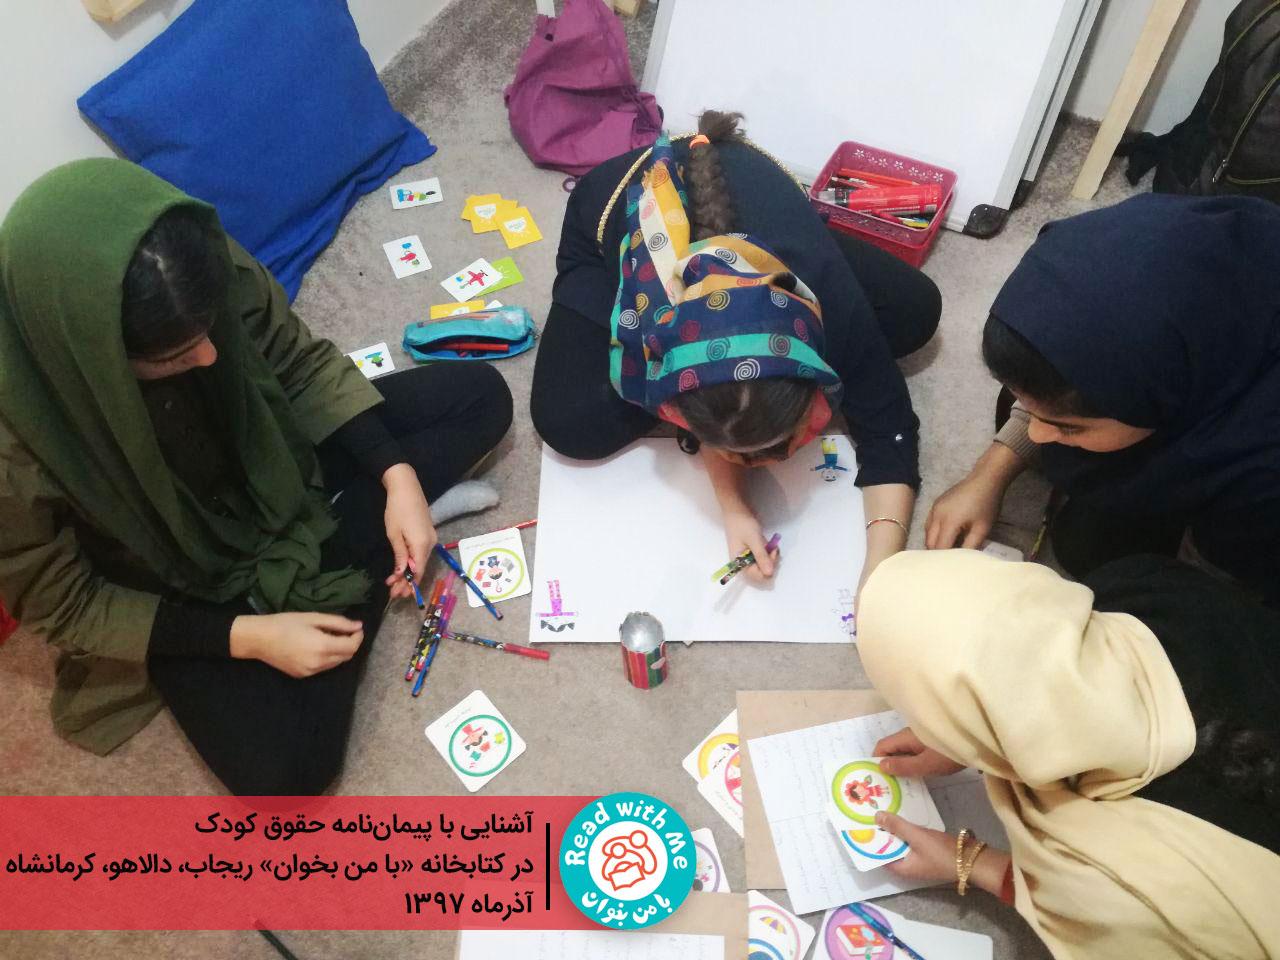 نیازها و آرزوهای کودکان در قالب پیماننامه حقوق کودک